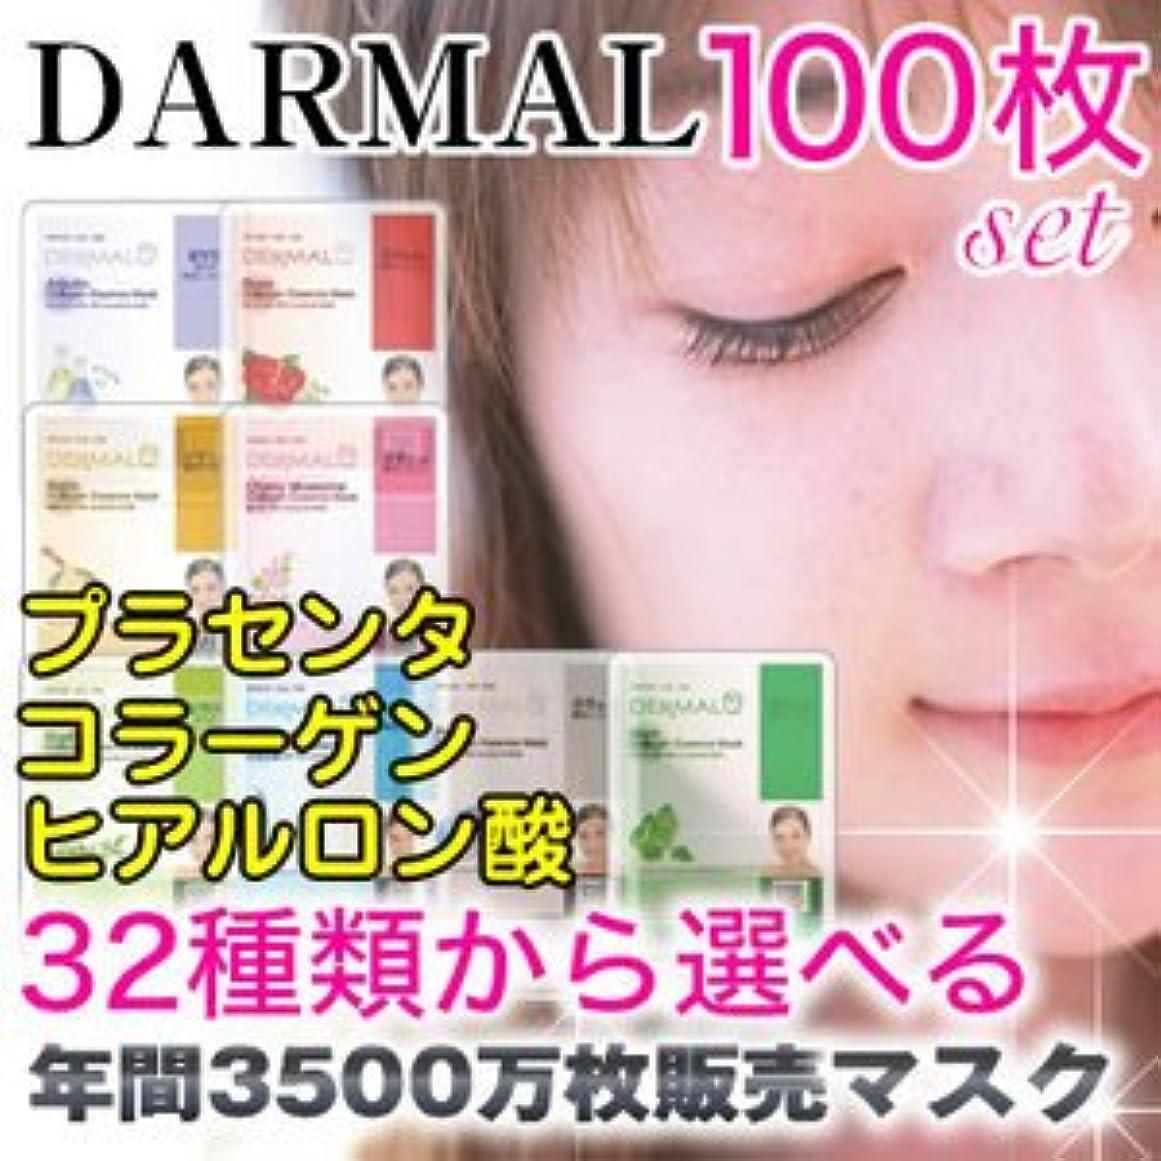 行商最愛の酸っぱい※全32種類から選べる100枚セット!ダーマル DERMALエッセンスマスク